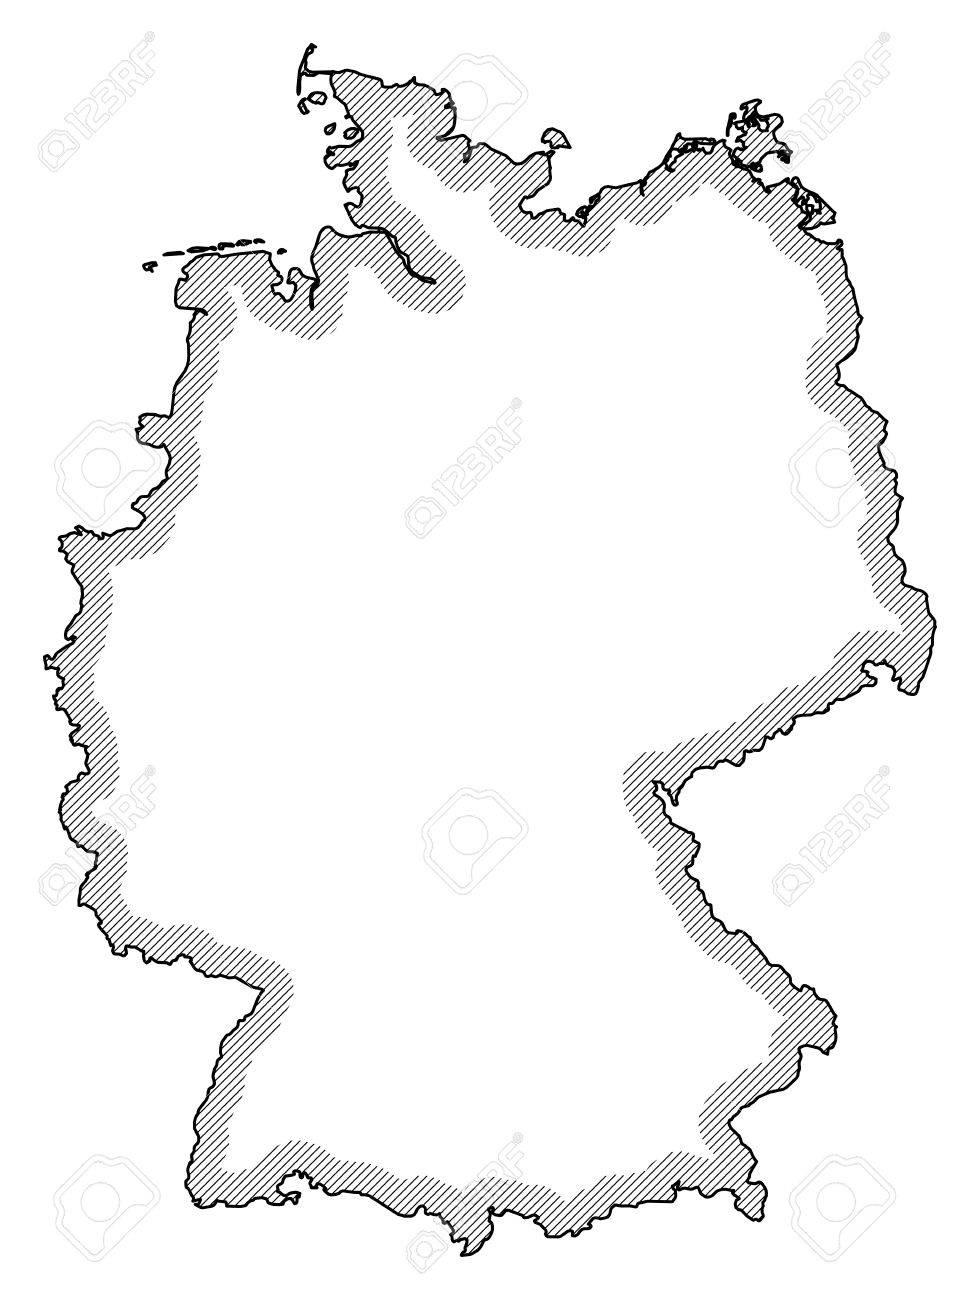 Carte Allemagne Noir Et Blanc.Carte De L Allemagne En Noir Et Blanc L Allemagne Est Mise En Evidence Par Une Eclosion